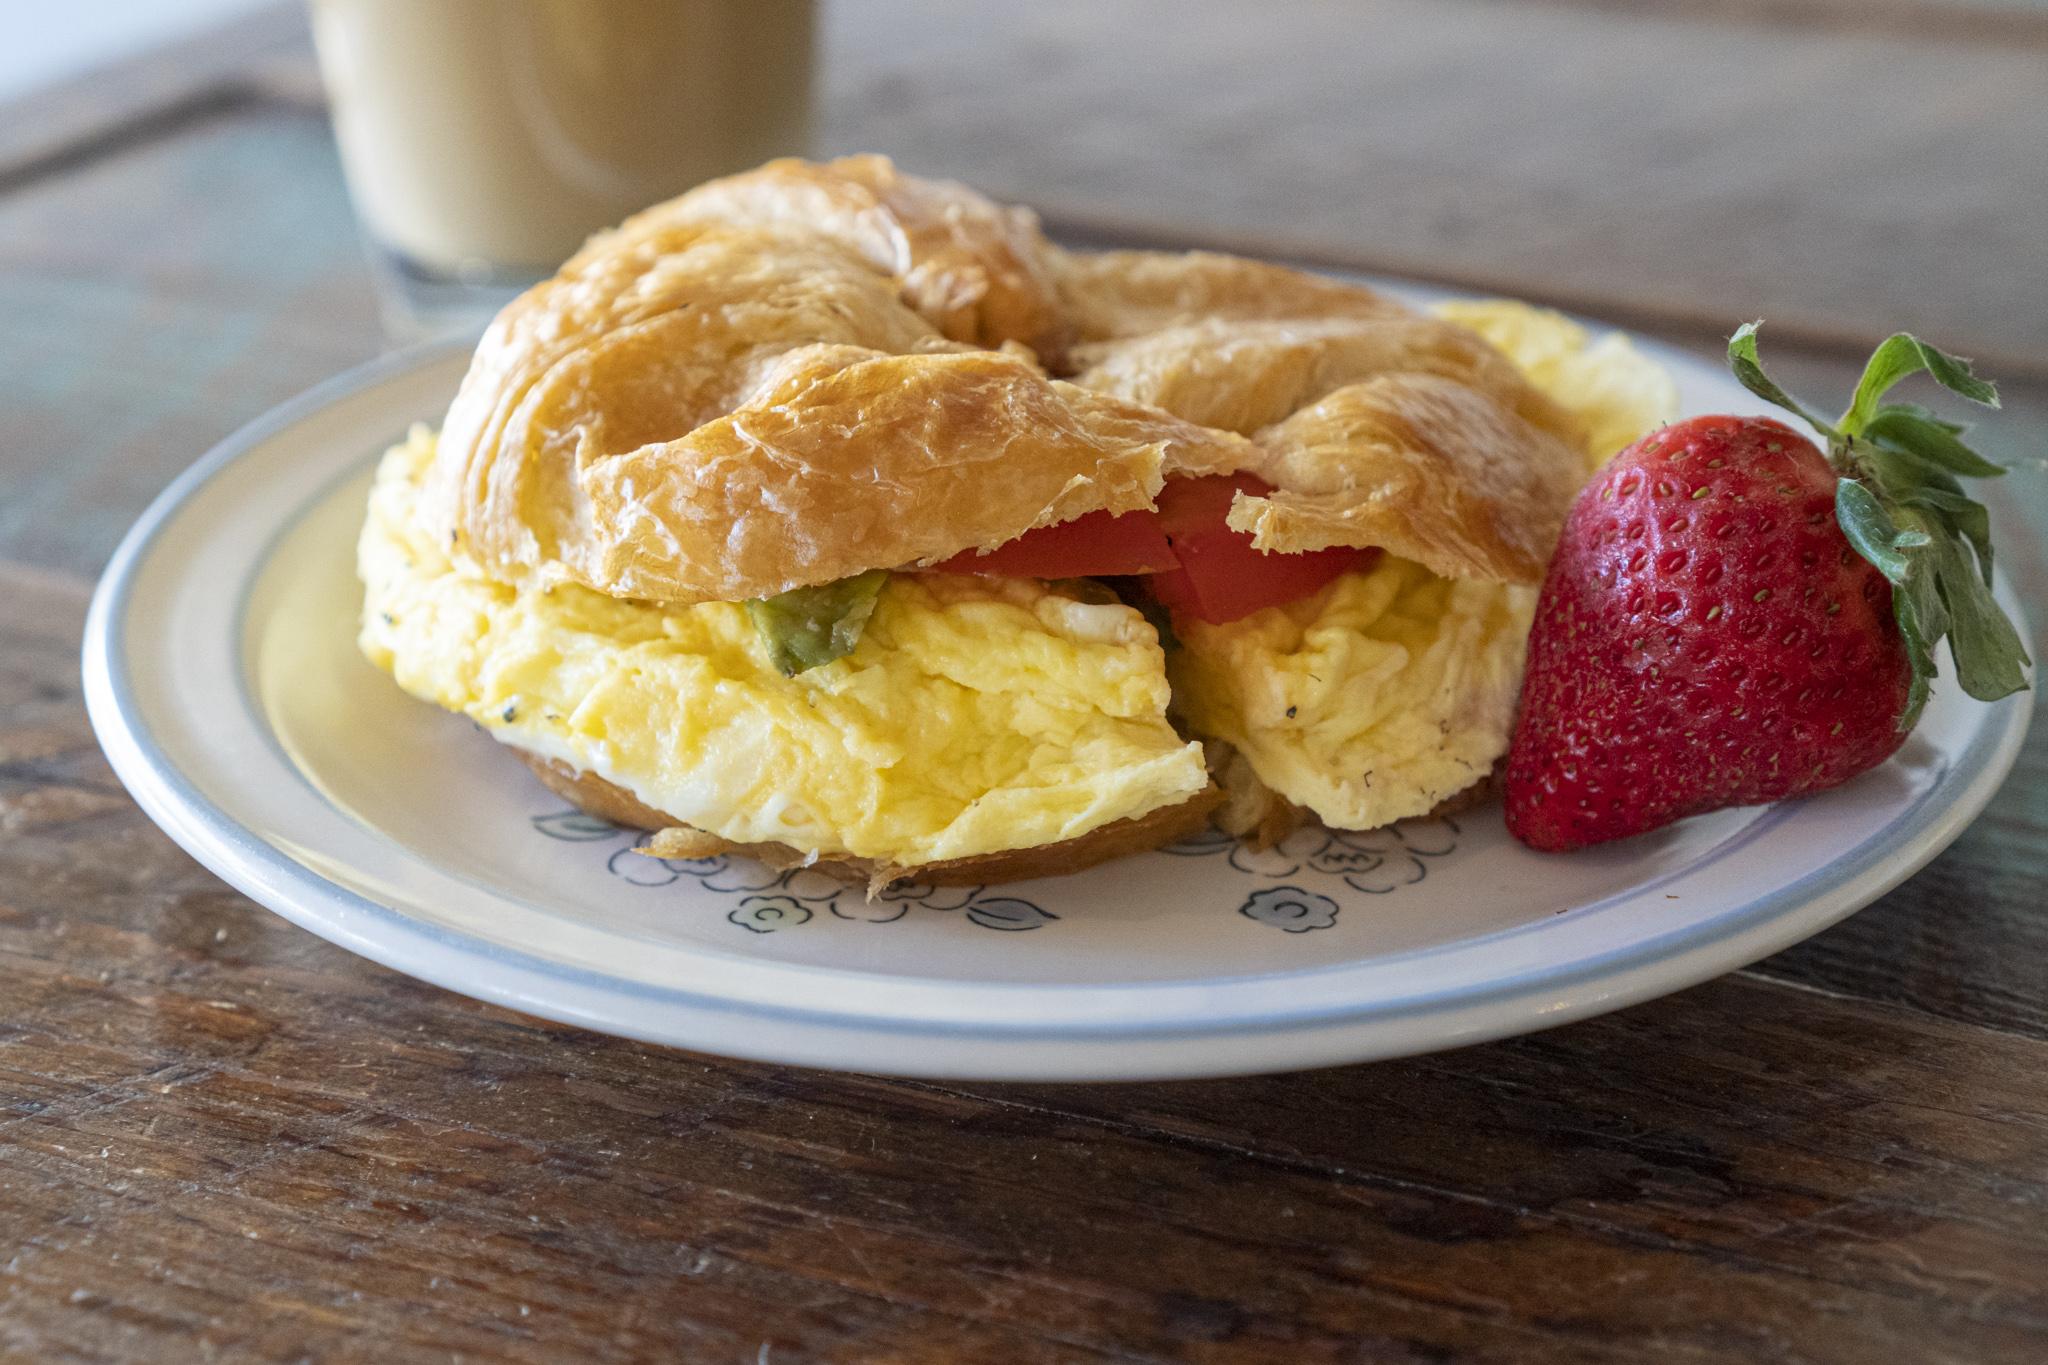 Egg Sandwich on Croissant